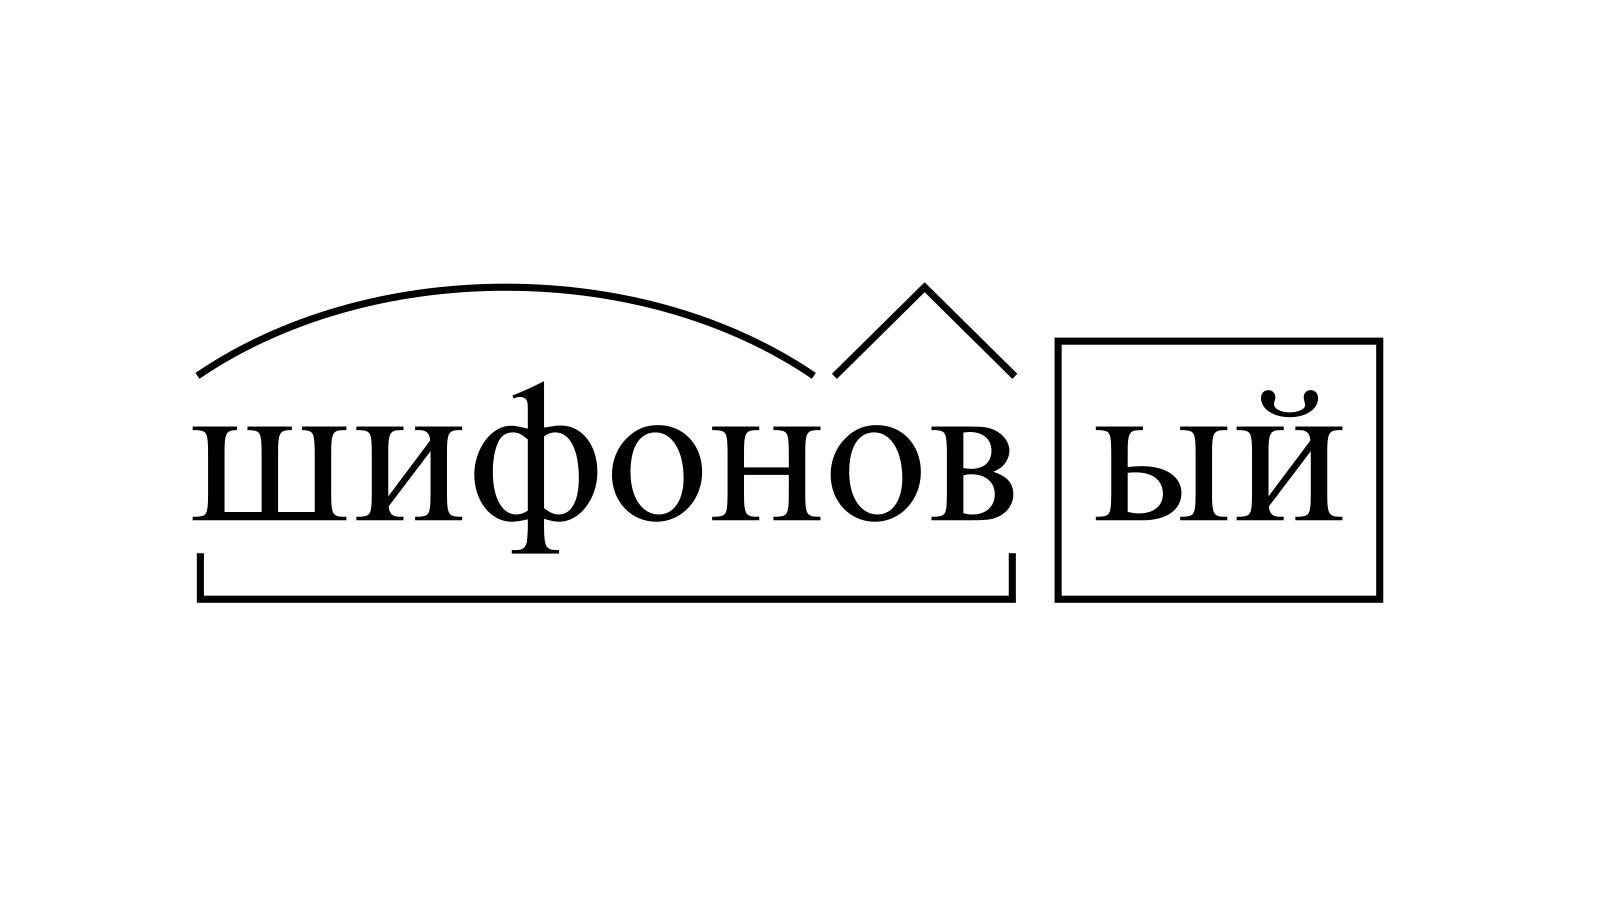 Разбор слова «шифоновый» по составу